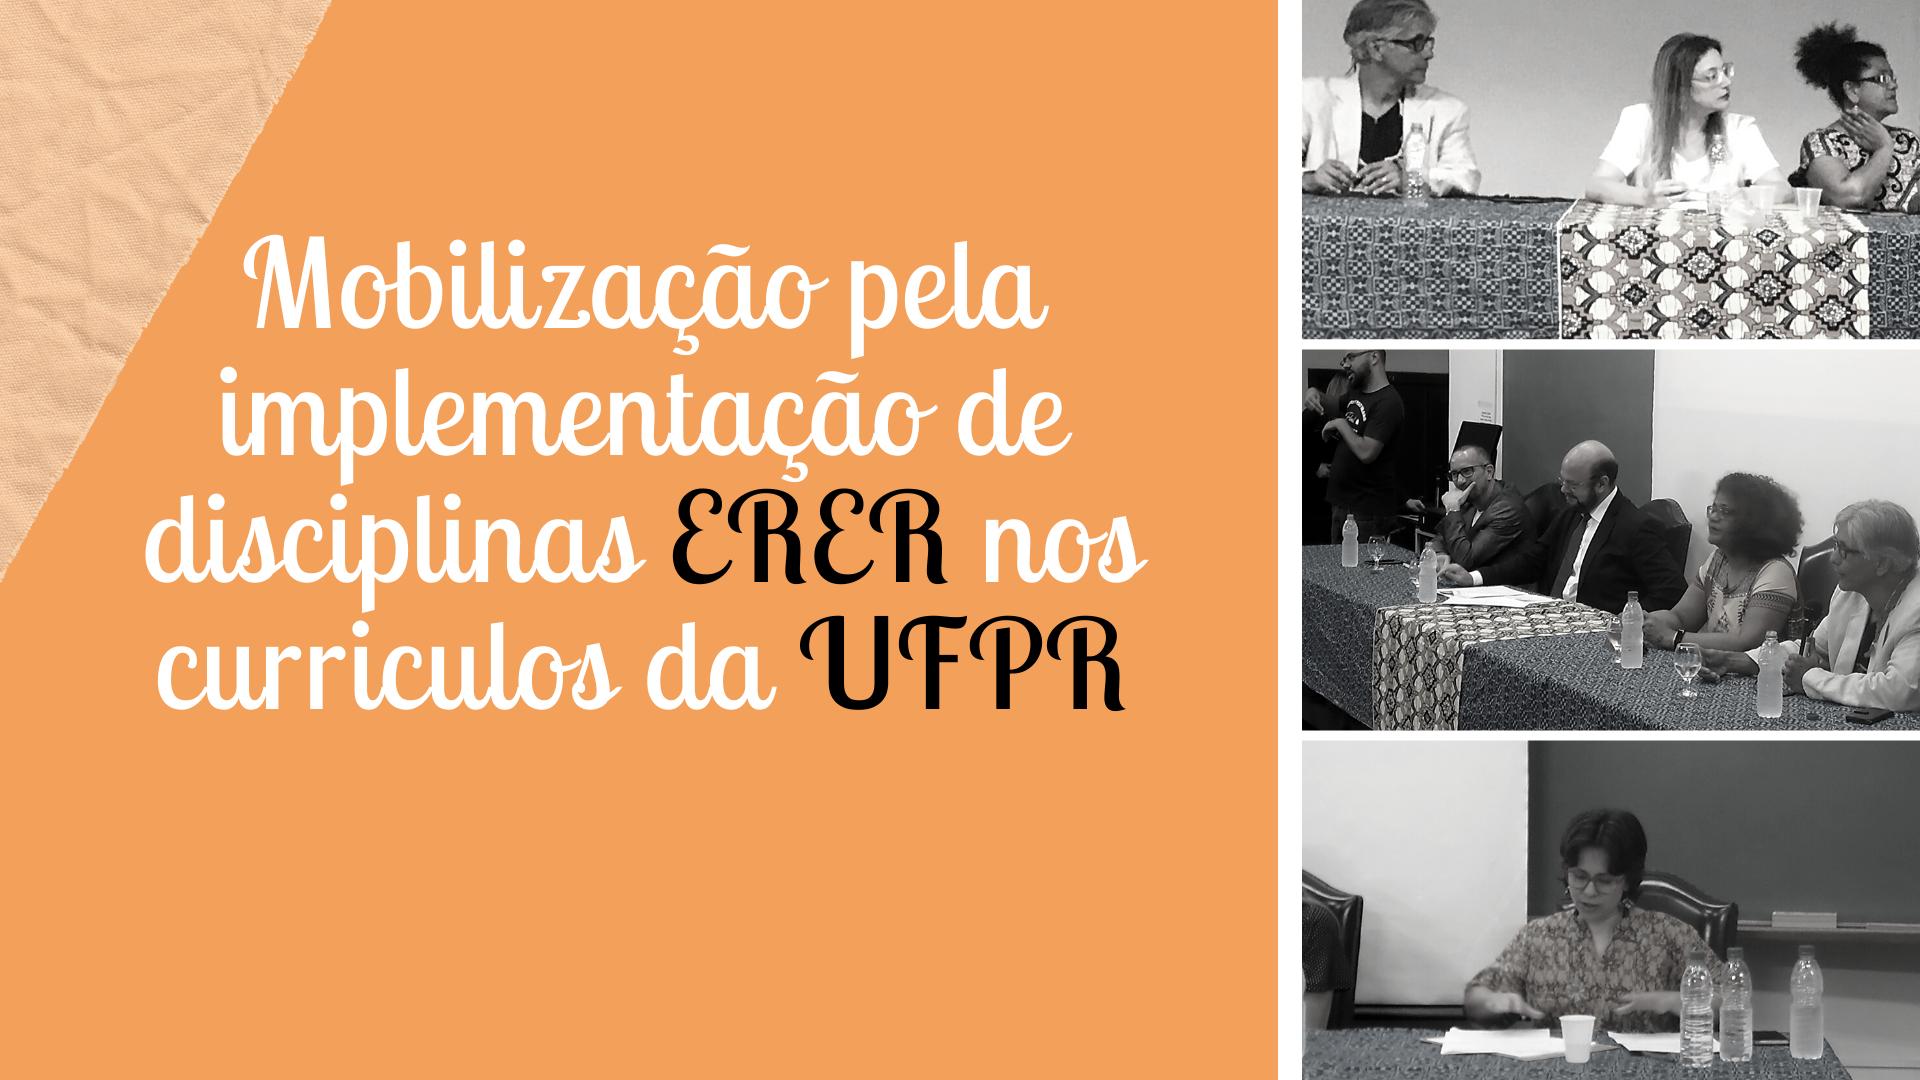 Conheça a proposta de implementação de obrigatoriedade de um ensino orientado para a Educação das Relações Étnico-Raciais